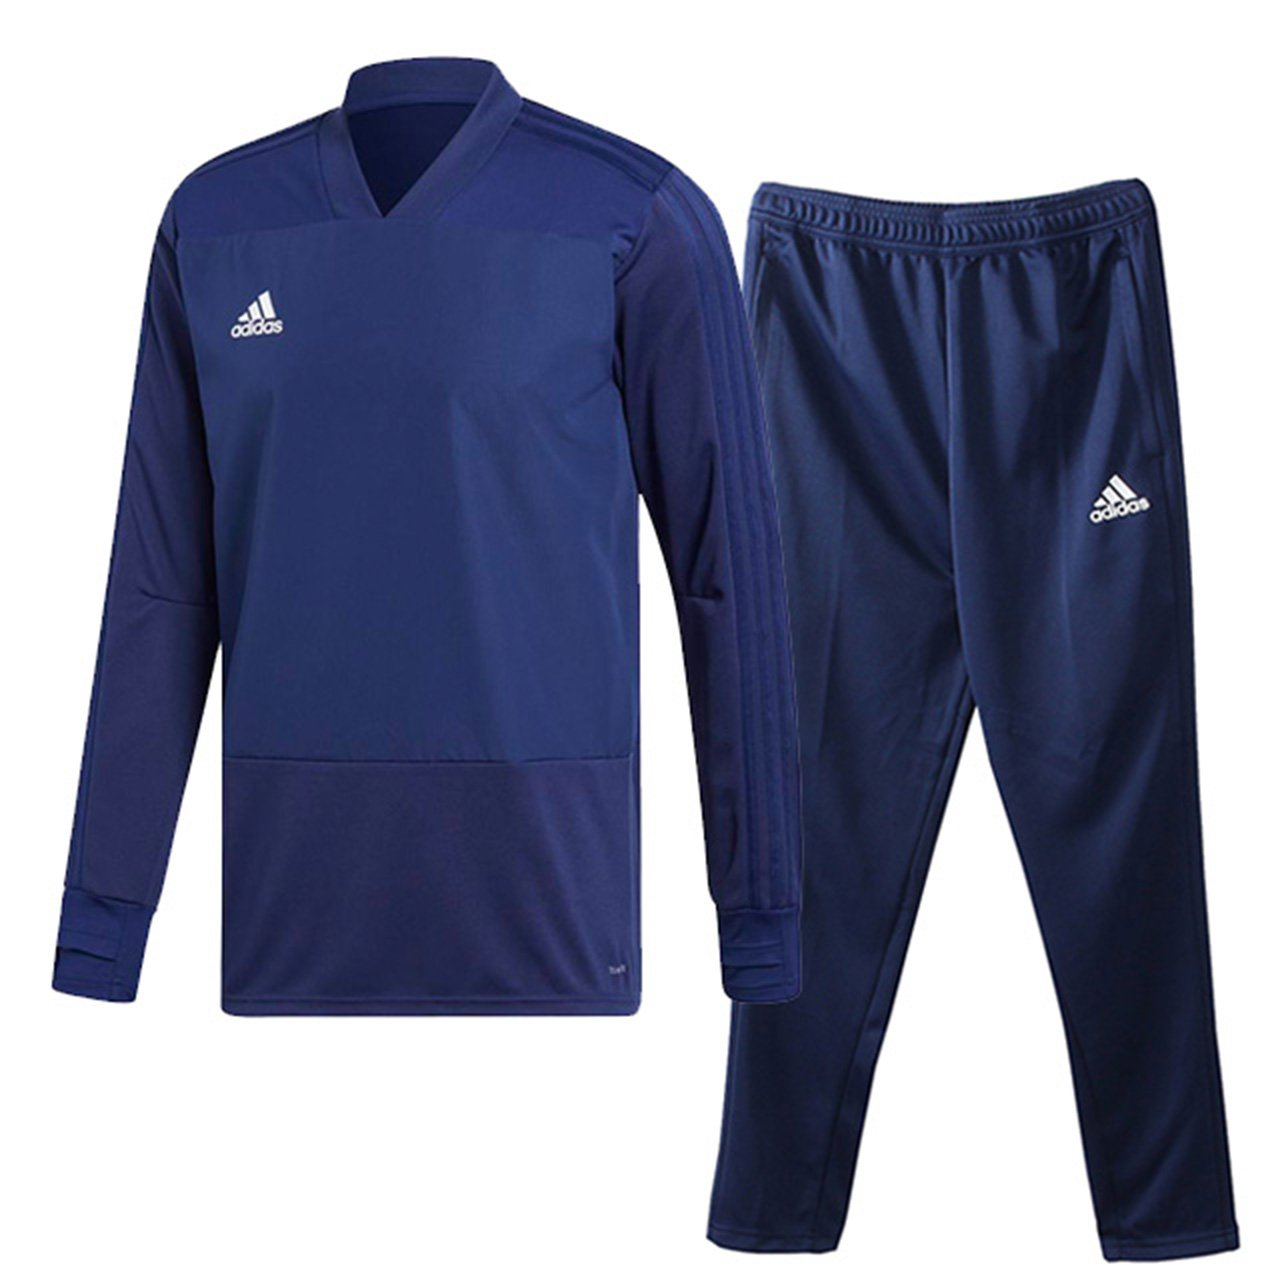 アディダス(adidas) CONDIVO18 トレーニングウエア 上下セット(ダークブルー/ダークブルー) DJV18-CG0386-DJU99-CV8243 B07986SRV3 日本 J/L-(日本サイズL相当)|ダークブルー×ダークブルー ダークブルー×ダークブルー 日本 J/L-(日本サイズL相当)